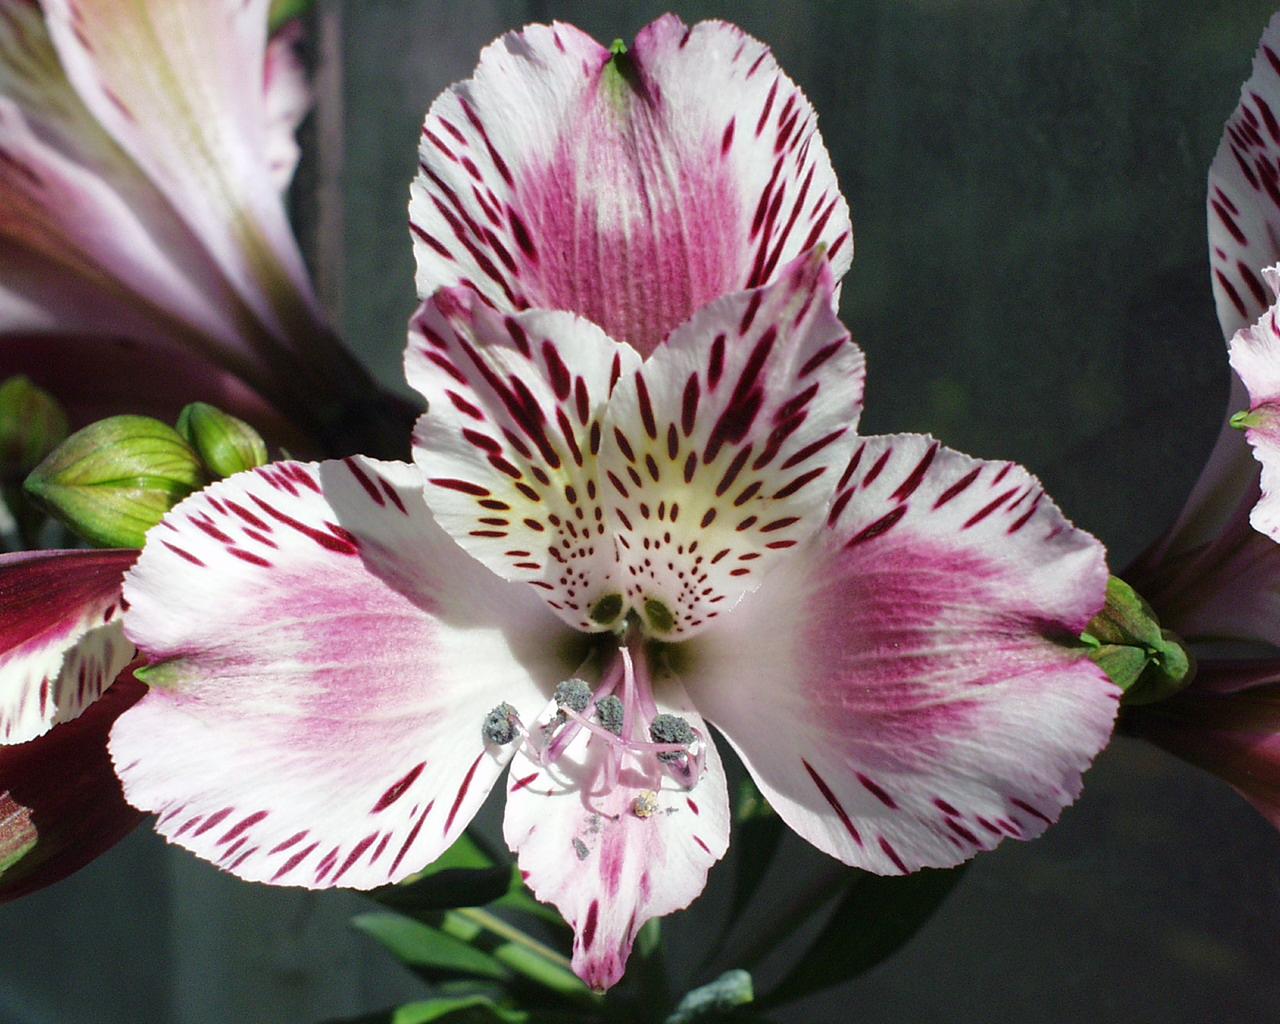 Tải hình ảnh hoa bách hợp về máy